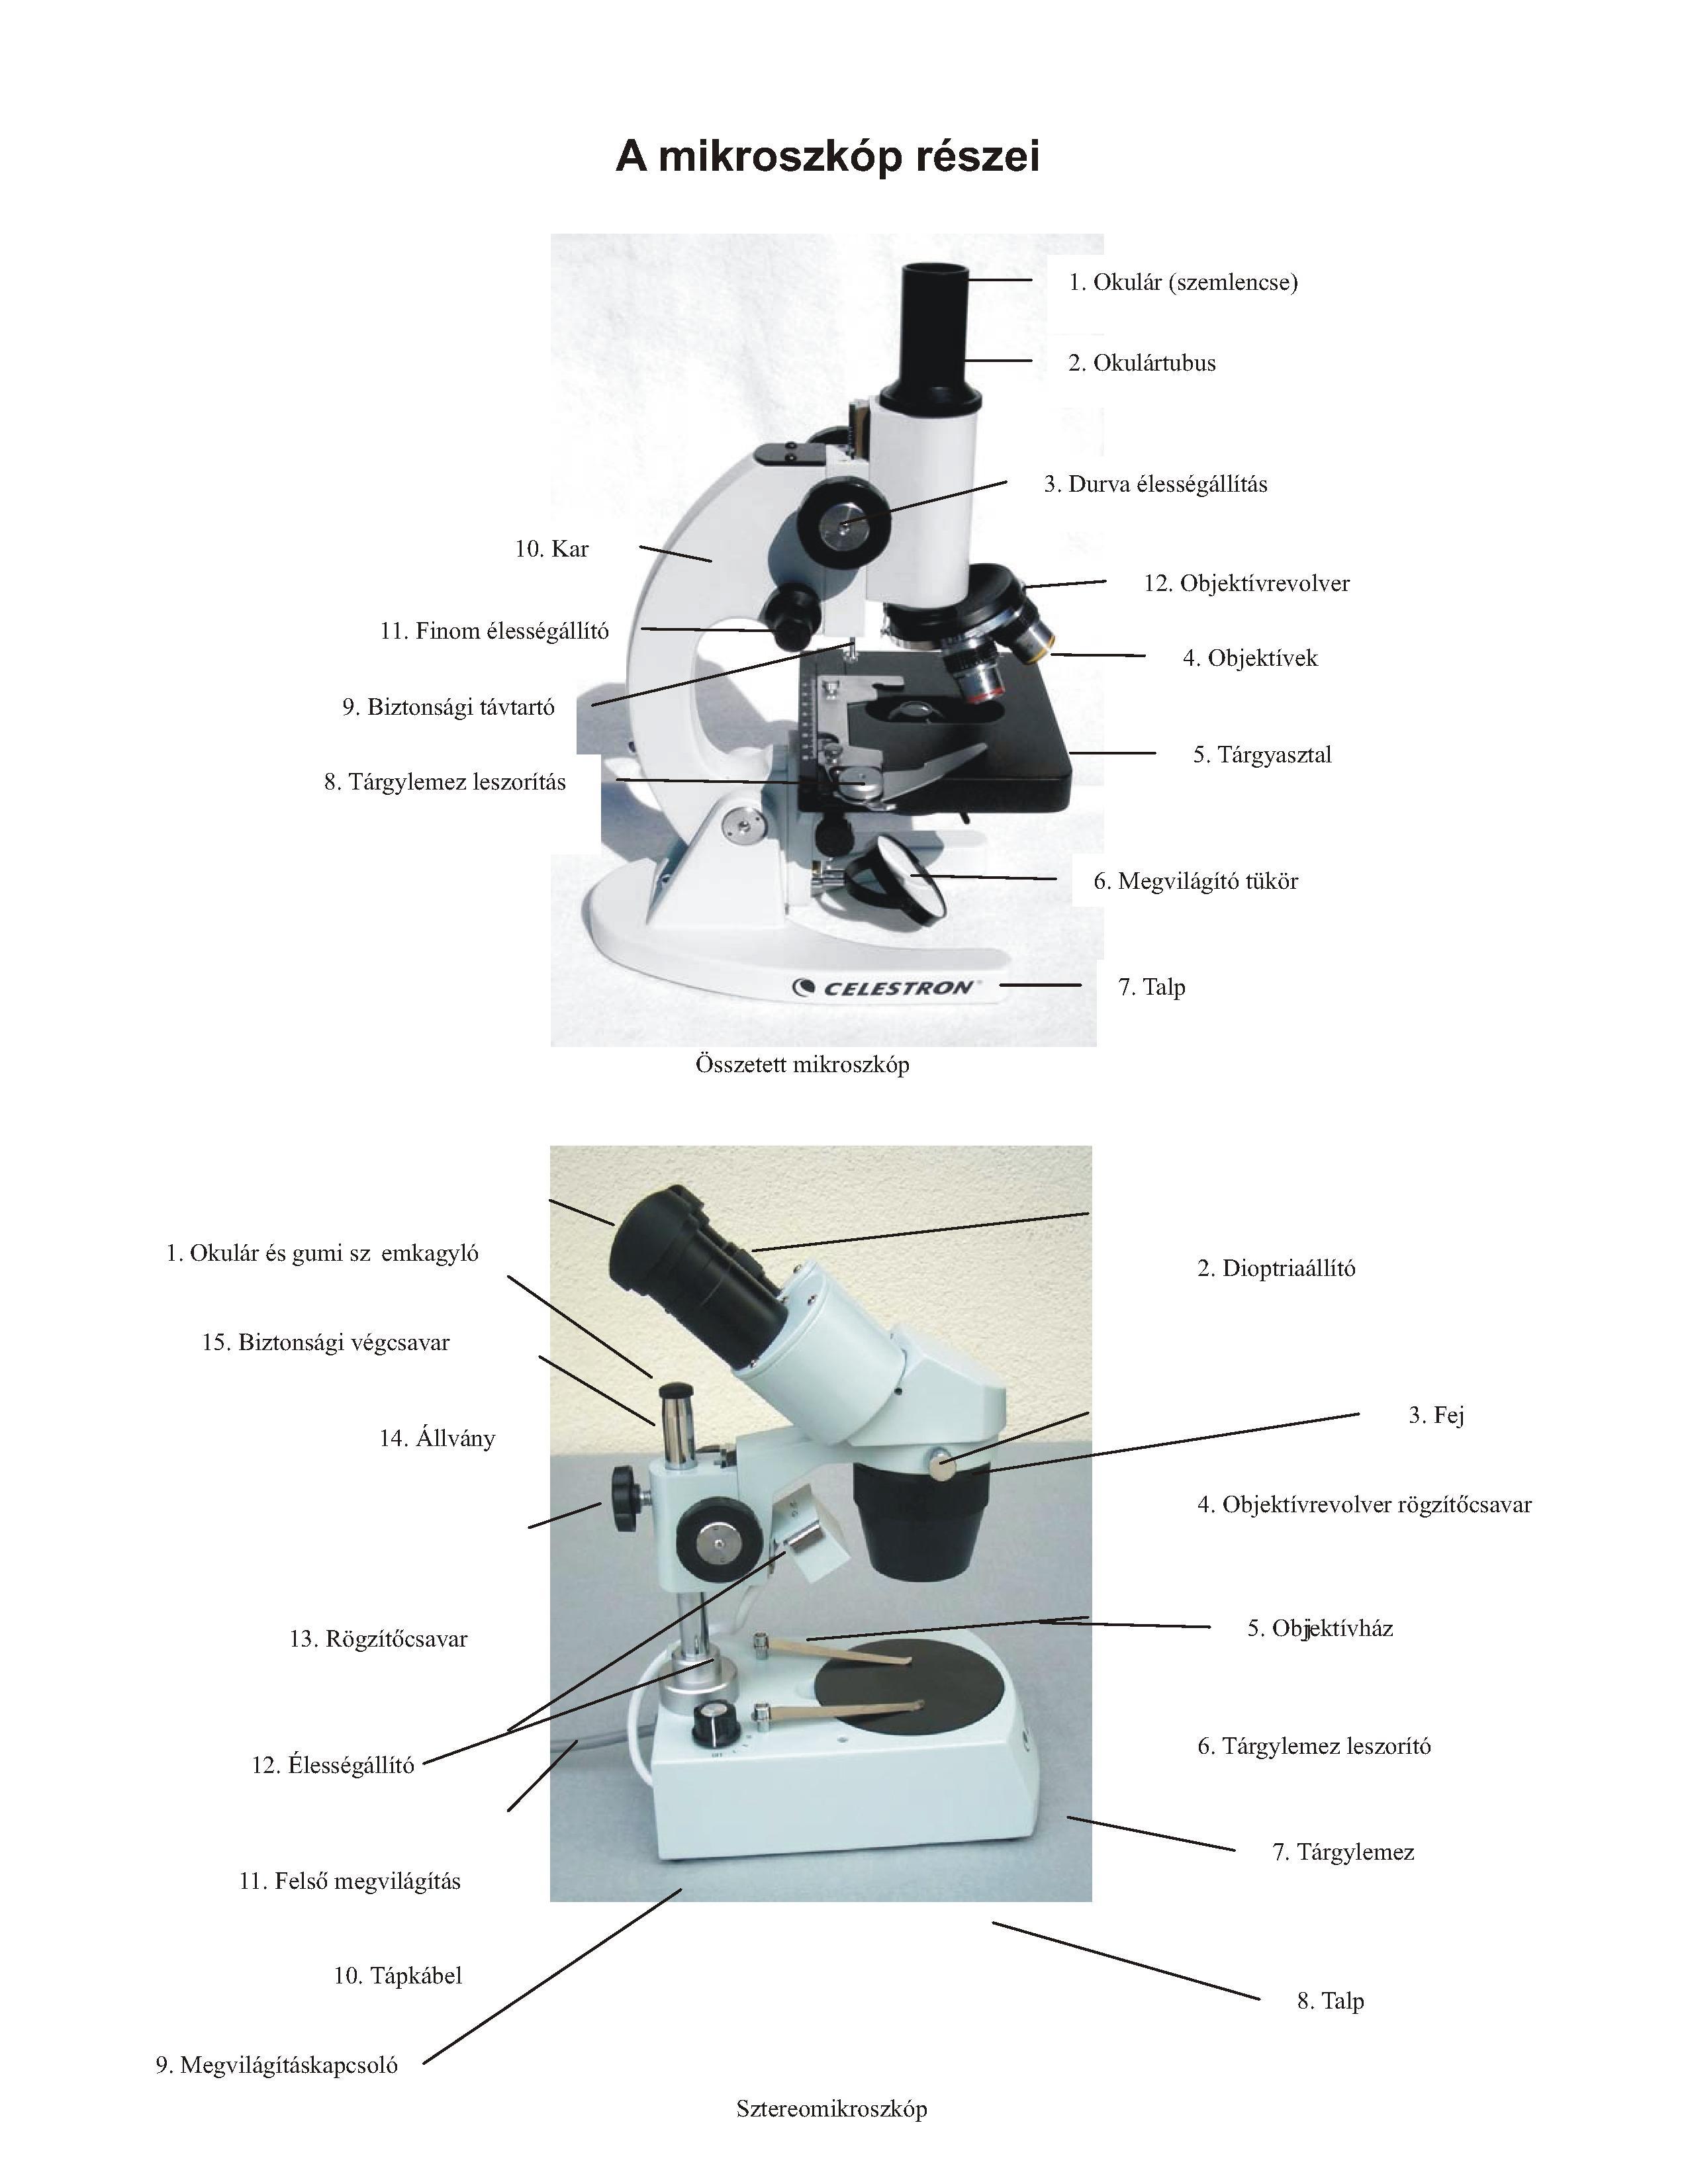 mikroszkóp homályos látás káposzta a látáshoz